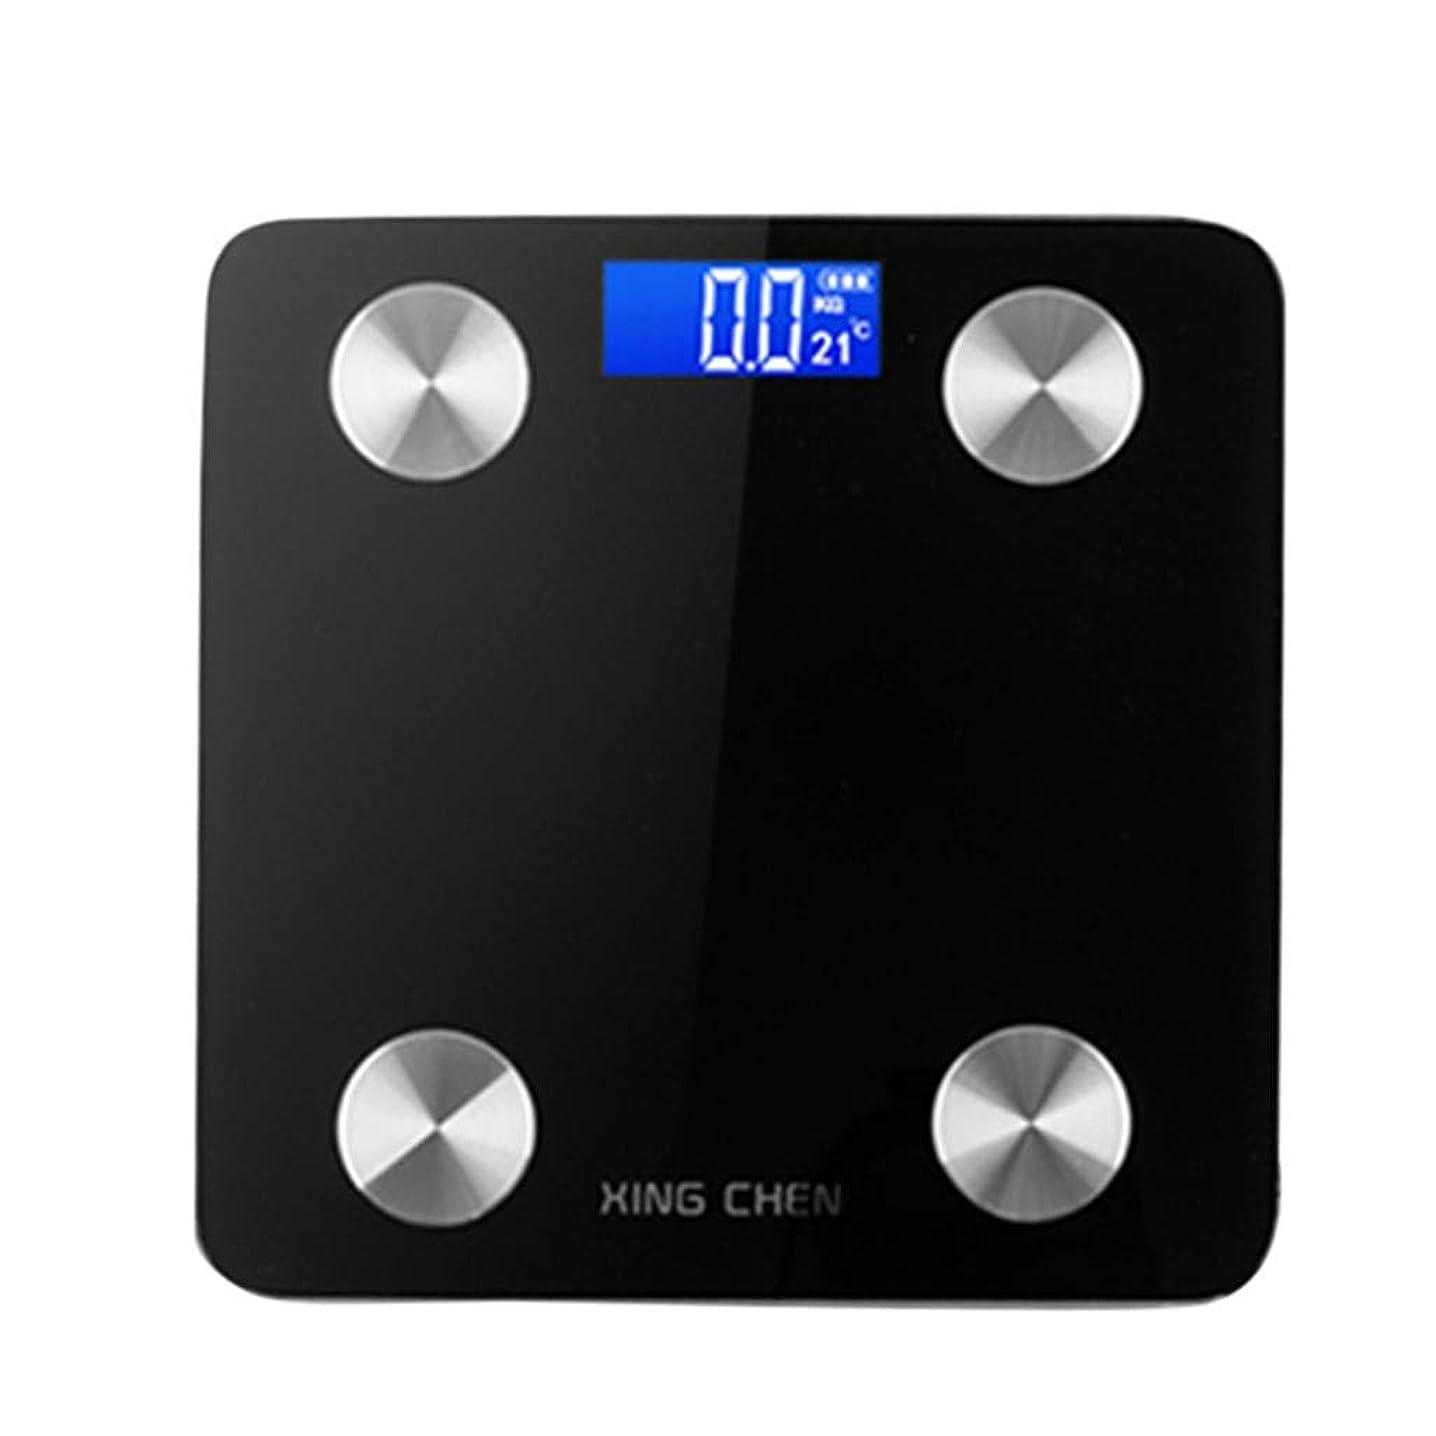 おなかがすいたアフリカ人疼痛体重計 体脂肪測定装置 良質のABS材料 [スマートBluetoothスケール] 体重分析/BMI/体脂肪%/水分%/骨格筋/除脂肪体重/骨量/タンパ 質/基礎代謝と内臓脂肪 液晶ディスプレイがわかりやすい 4個の高精度センサーと2個のバッテリーを装備 Bluetooth/Android/IOSアプリケーションのヘルス管理のサポート (ブラック)